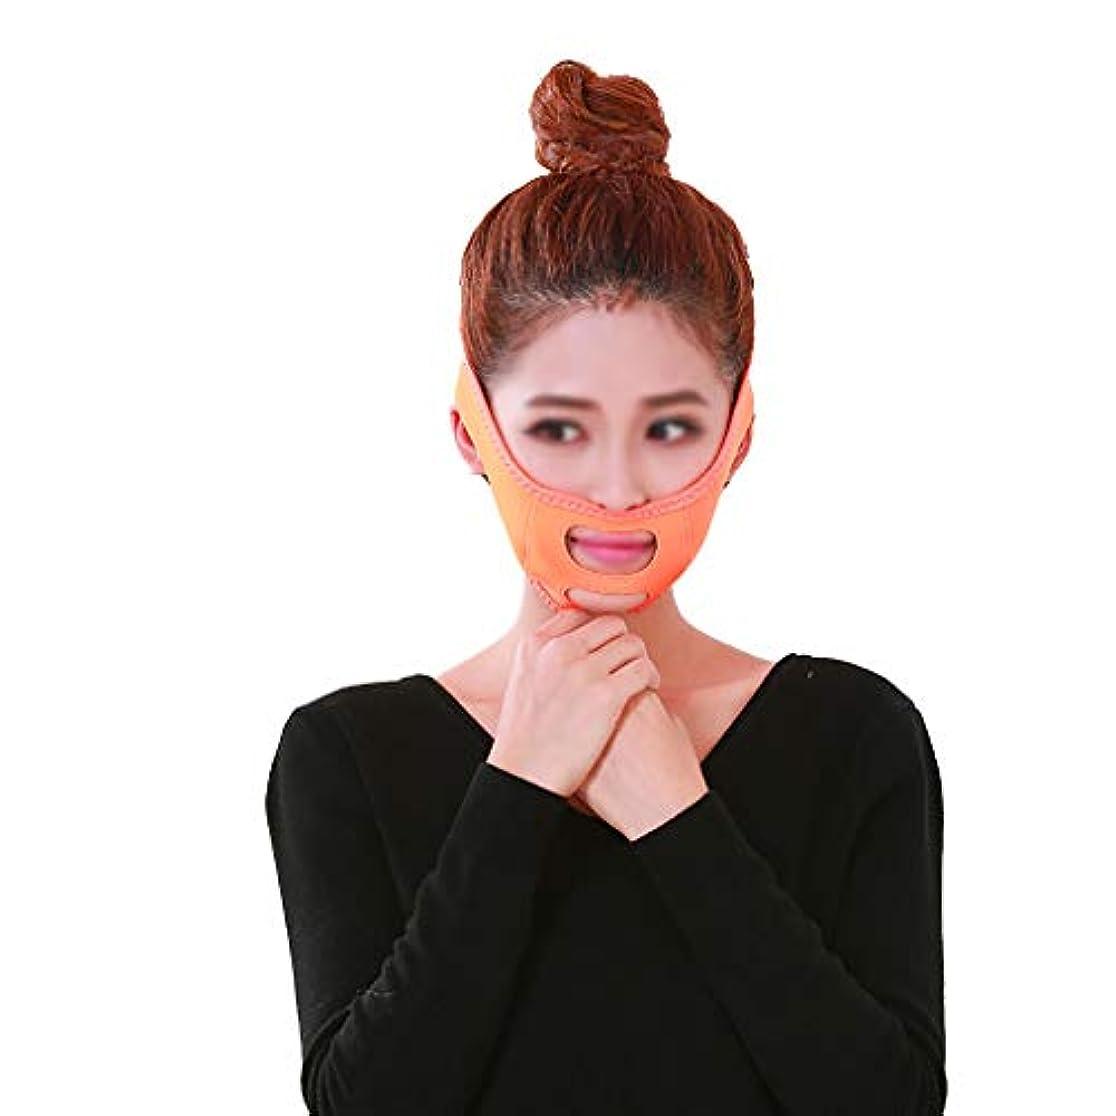 完璧コンパイルポップフェイスリフトフェイシャル、フェイシャルマスクVフェイスマスクタイトな肌のリラクゼーションを防ぐVフェイスアーティファクトフェイスリフト包帯フェイスケア (Color : Orange)